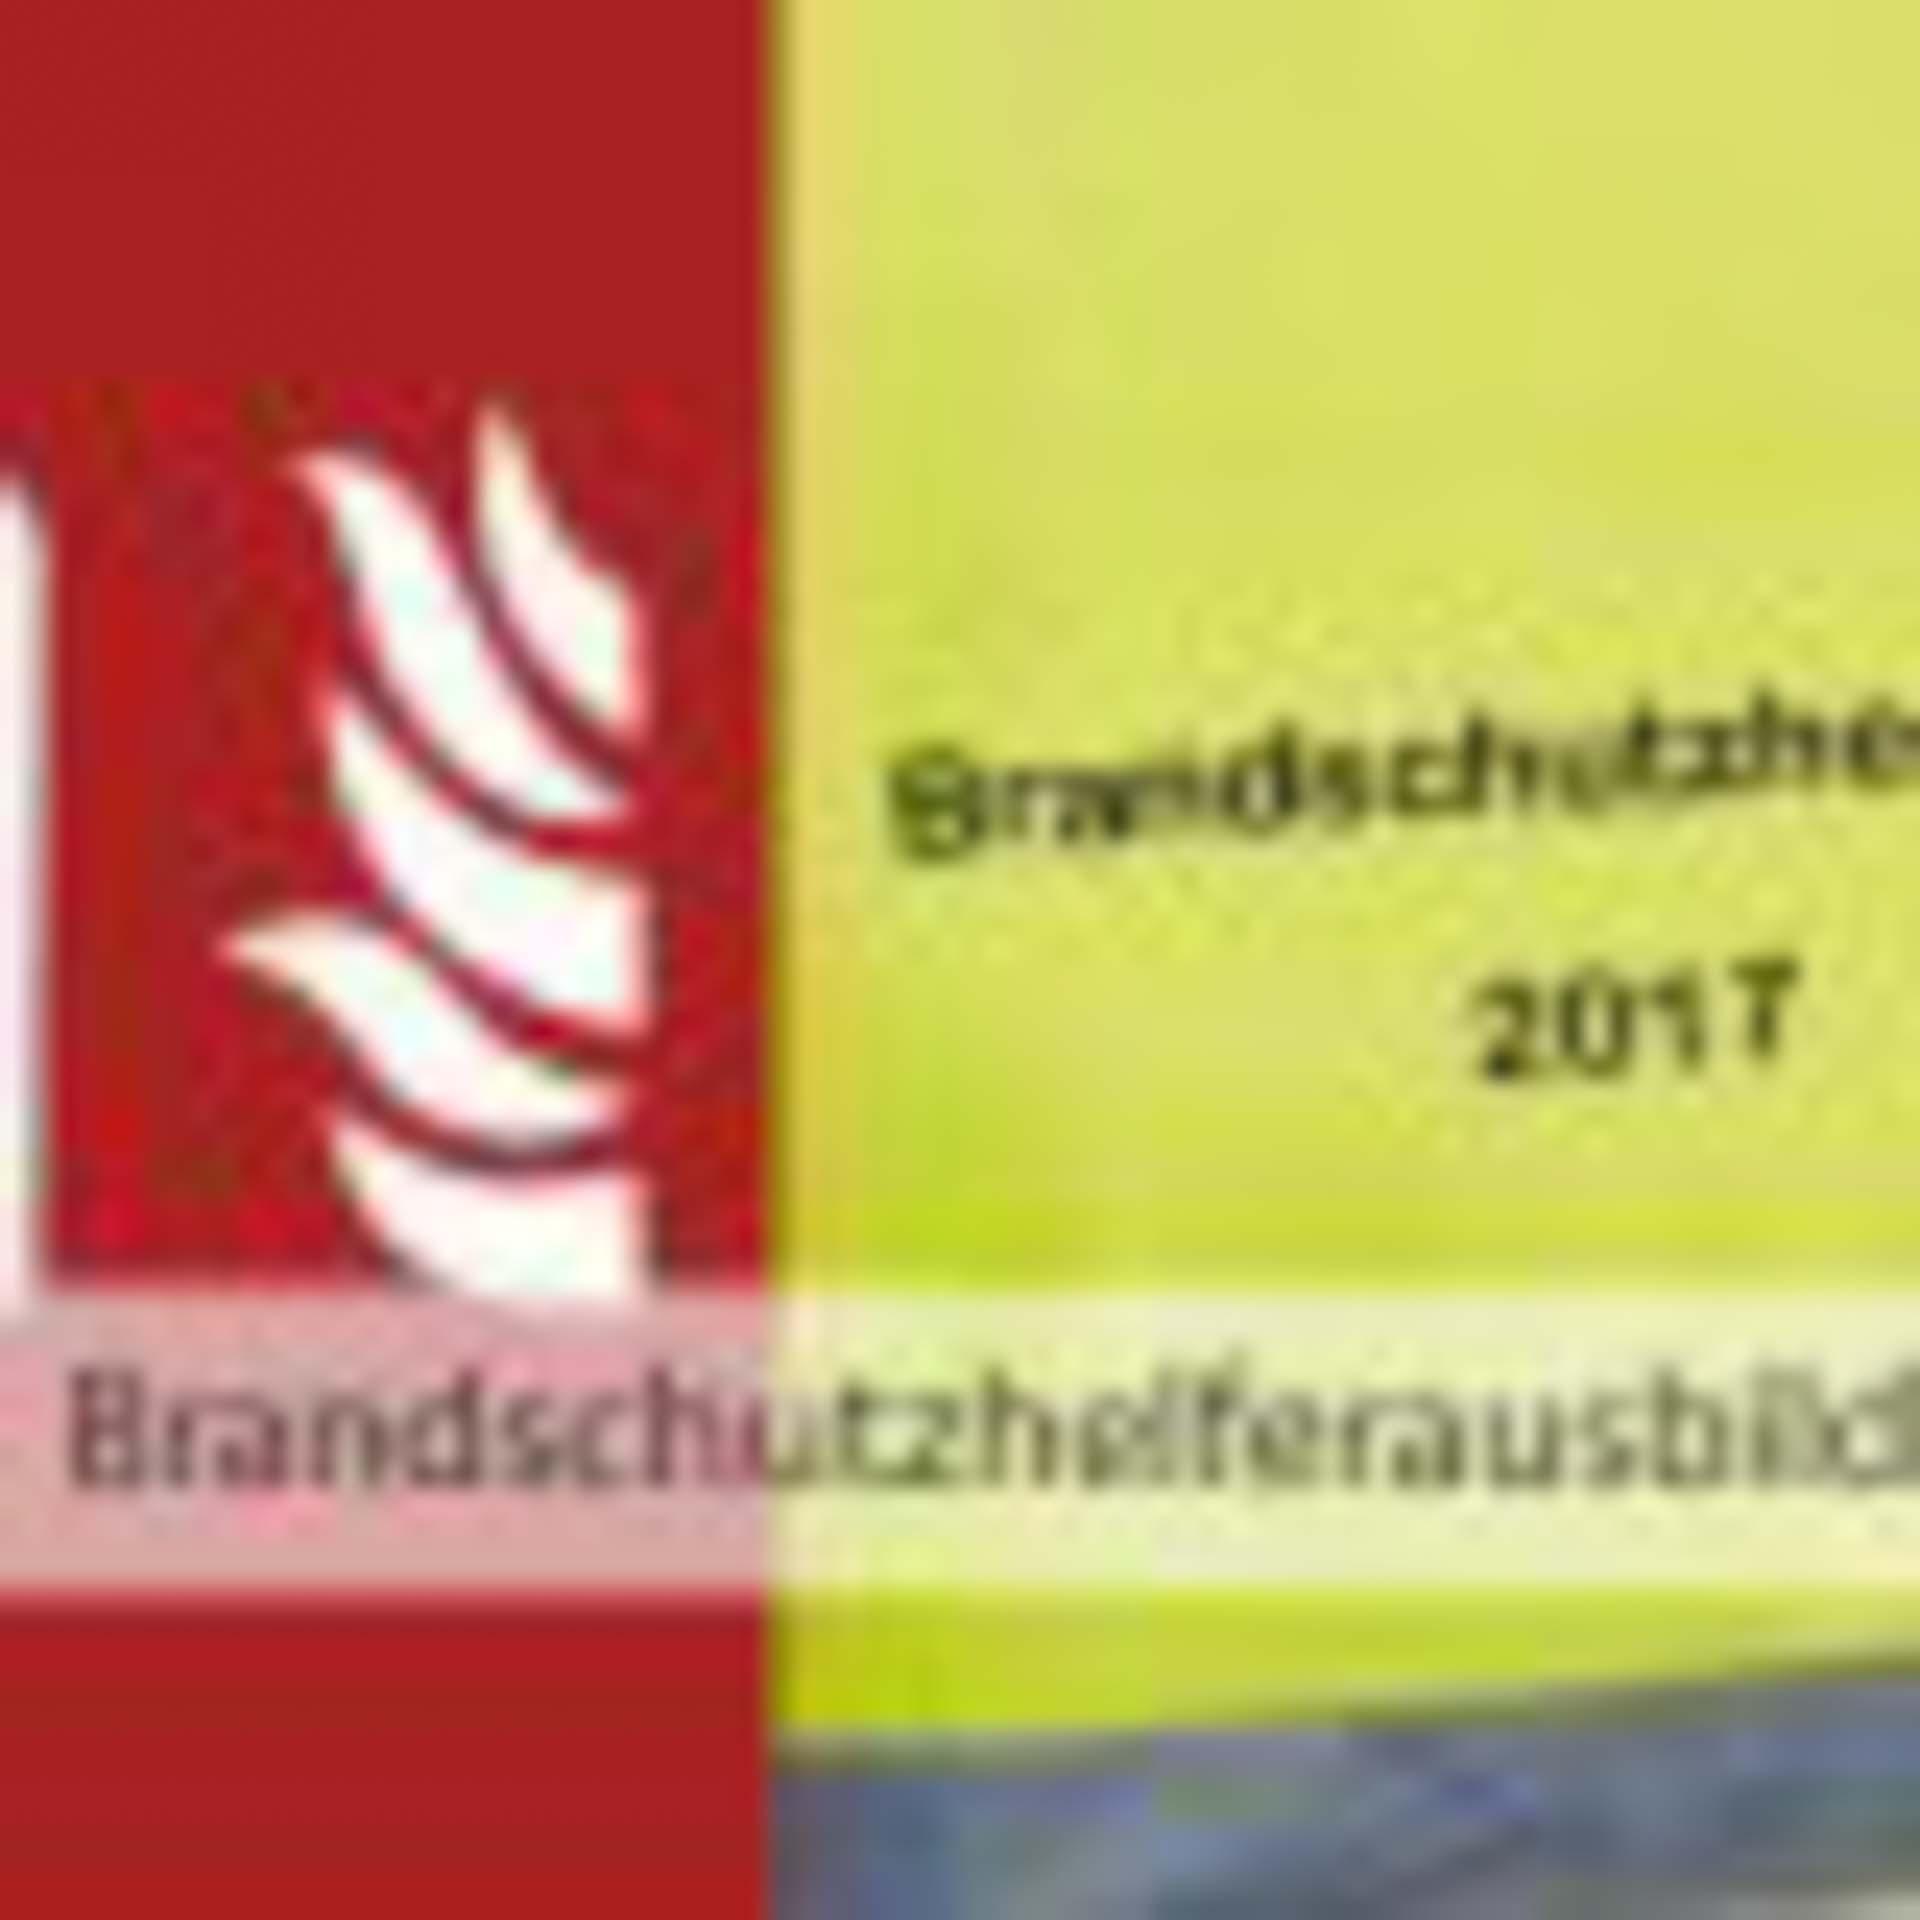 Brandschutzhelferausbildung | Papier-Schäfer GmbH & Co. KG